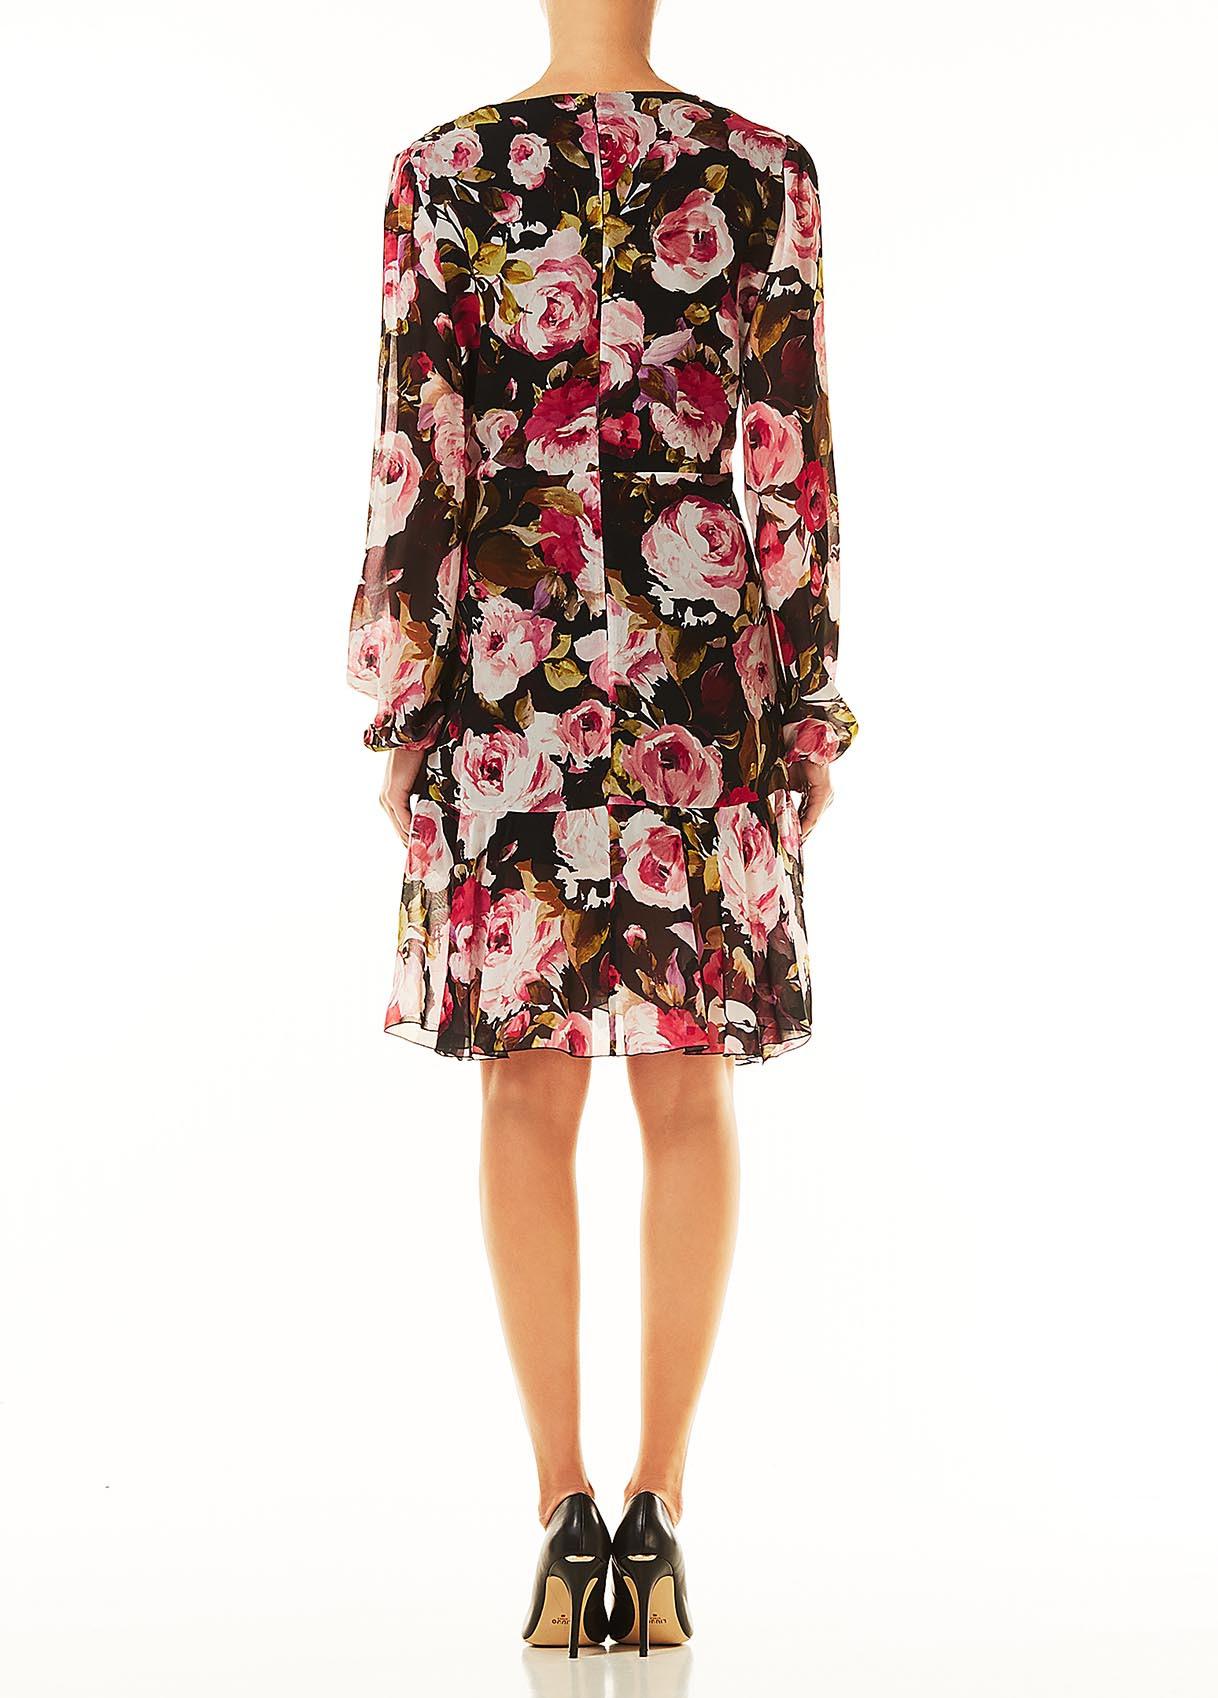 15 Einzigartig Kleid Mit Blumen für 201910 Spektakulär Kleid Mit Blumen Vertrieb